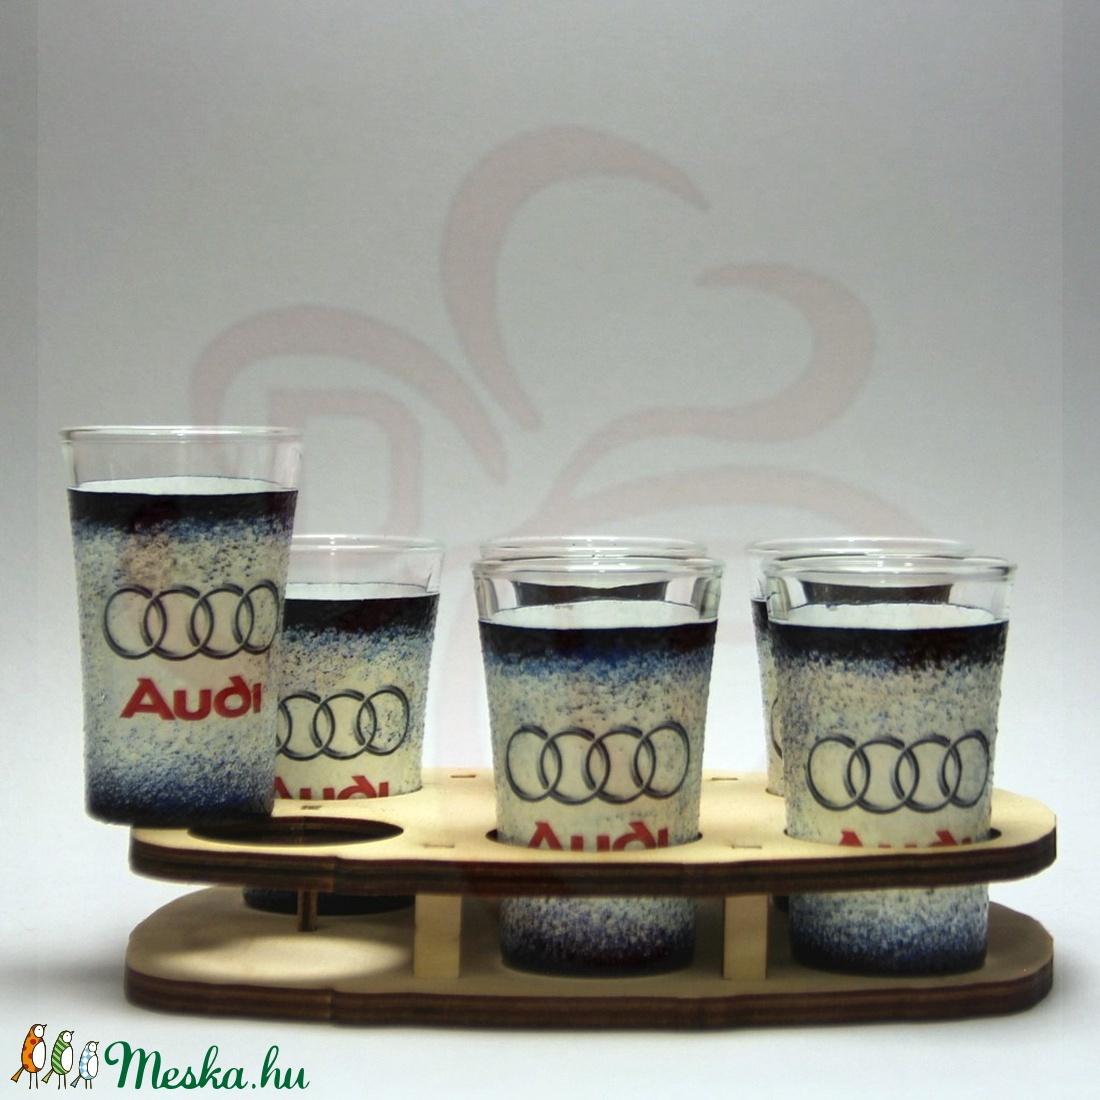 Audi pohár készlet ; Audi rajongóknak - Meska.hu